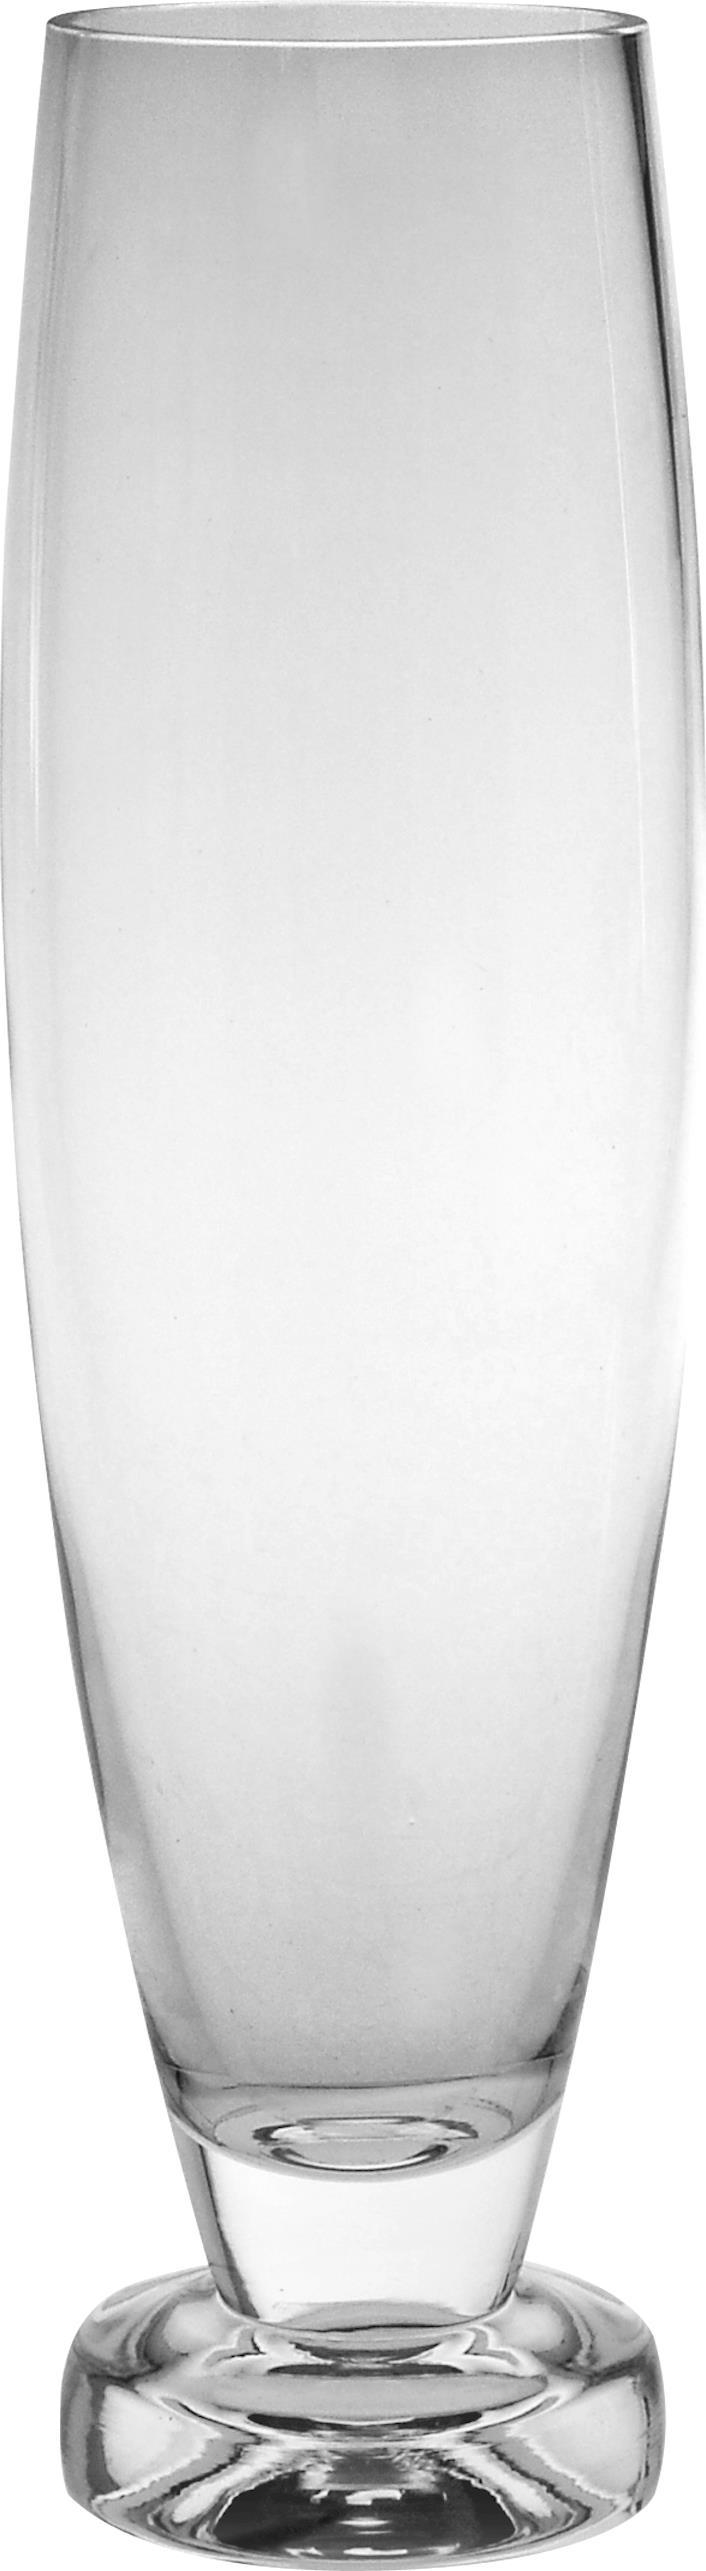 Βάζο Γυάλινο - OEM - 4-DE 713506 διακοσμηση σαλόνι βάζα